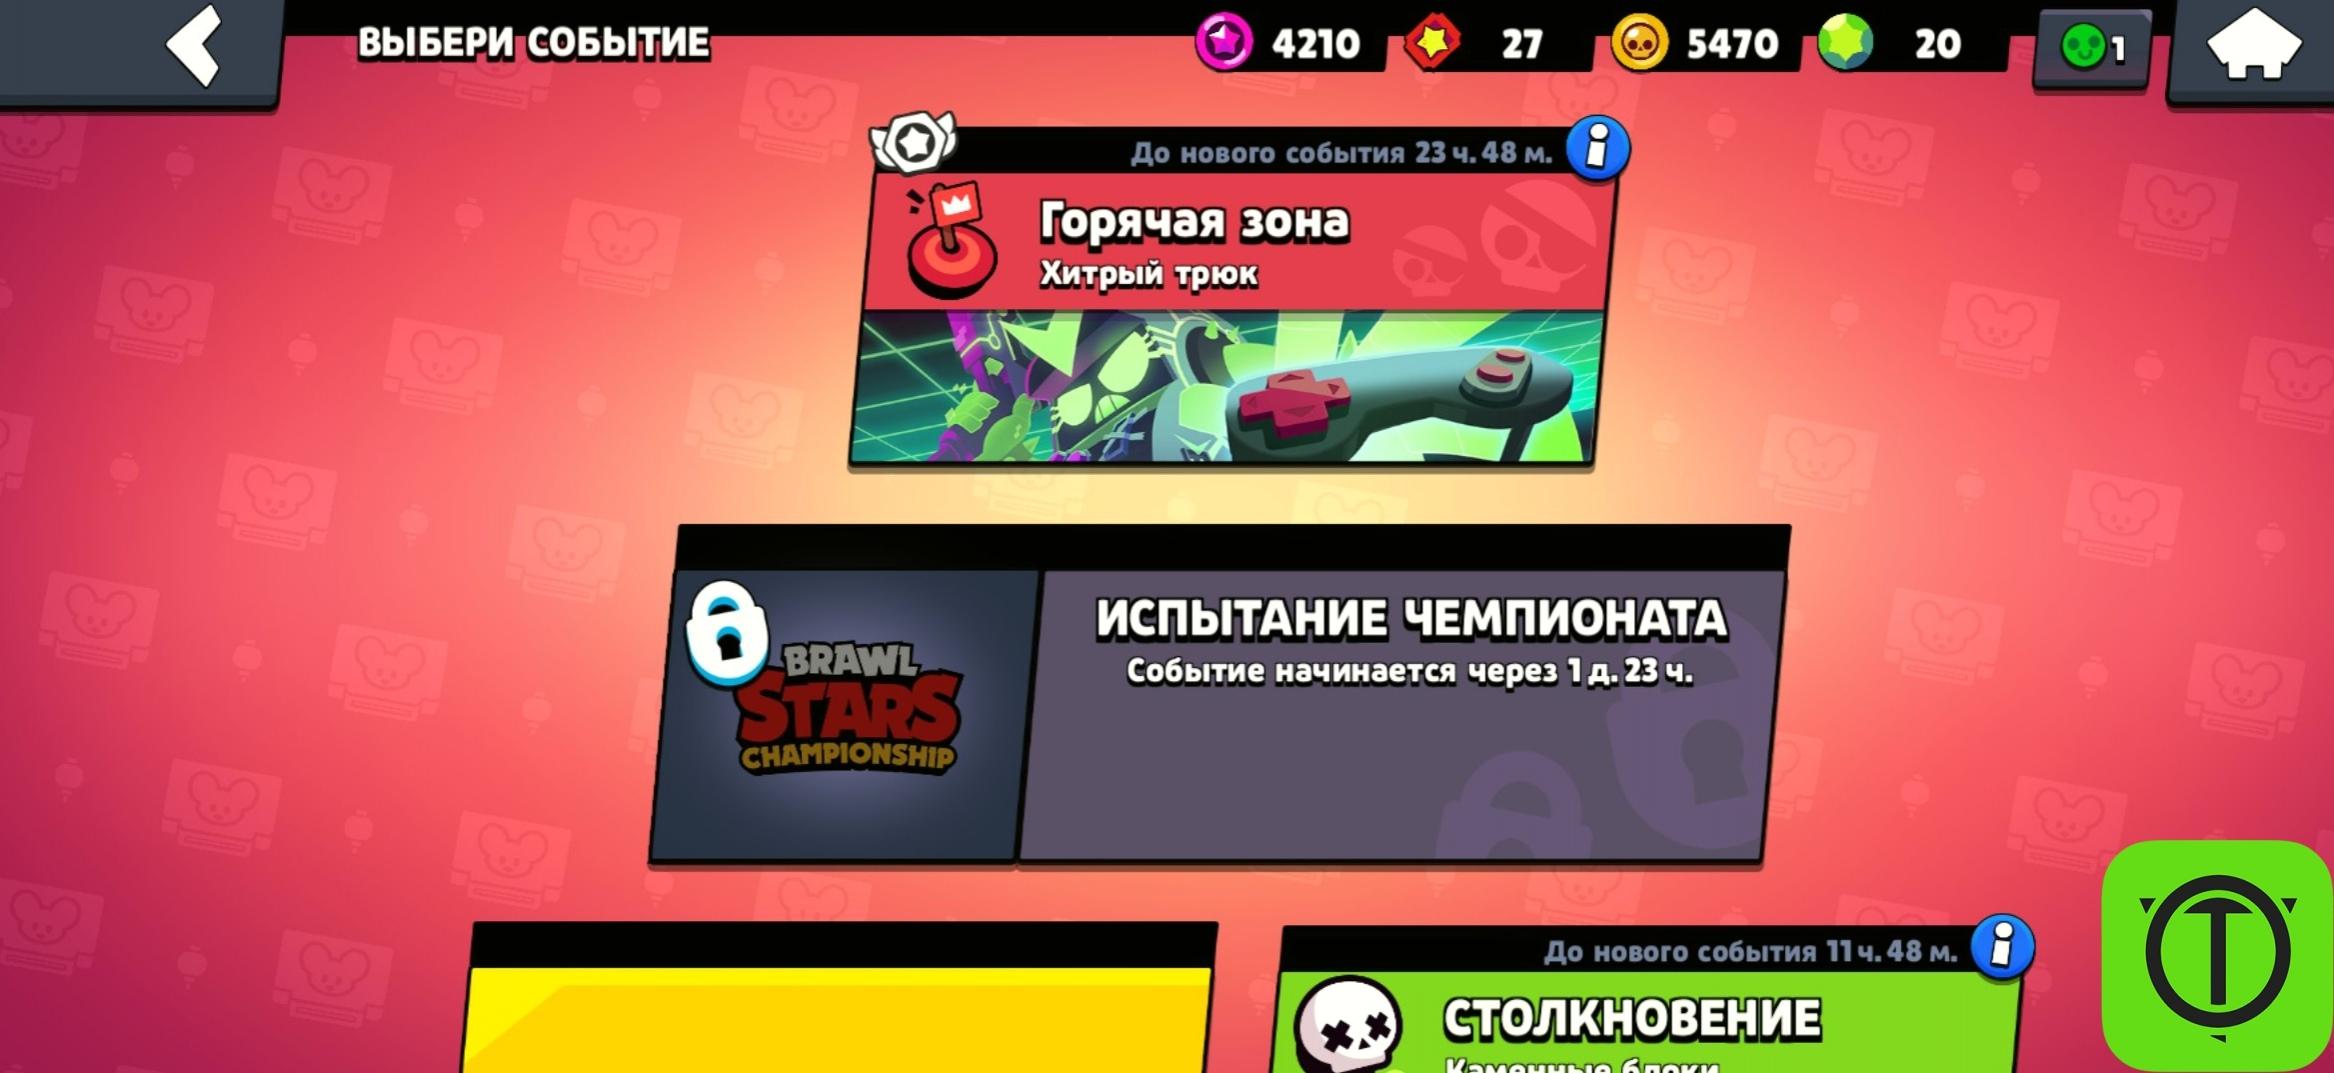 #НовостиBS@aurum_yt Через 2 дня в игре снова пройдет